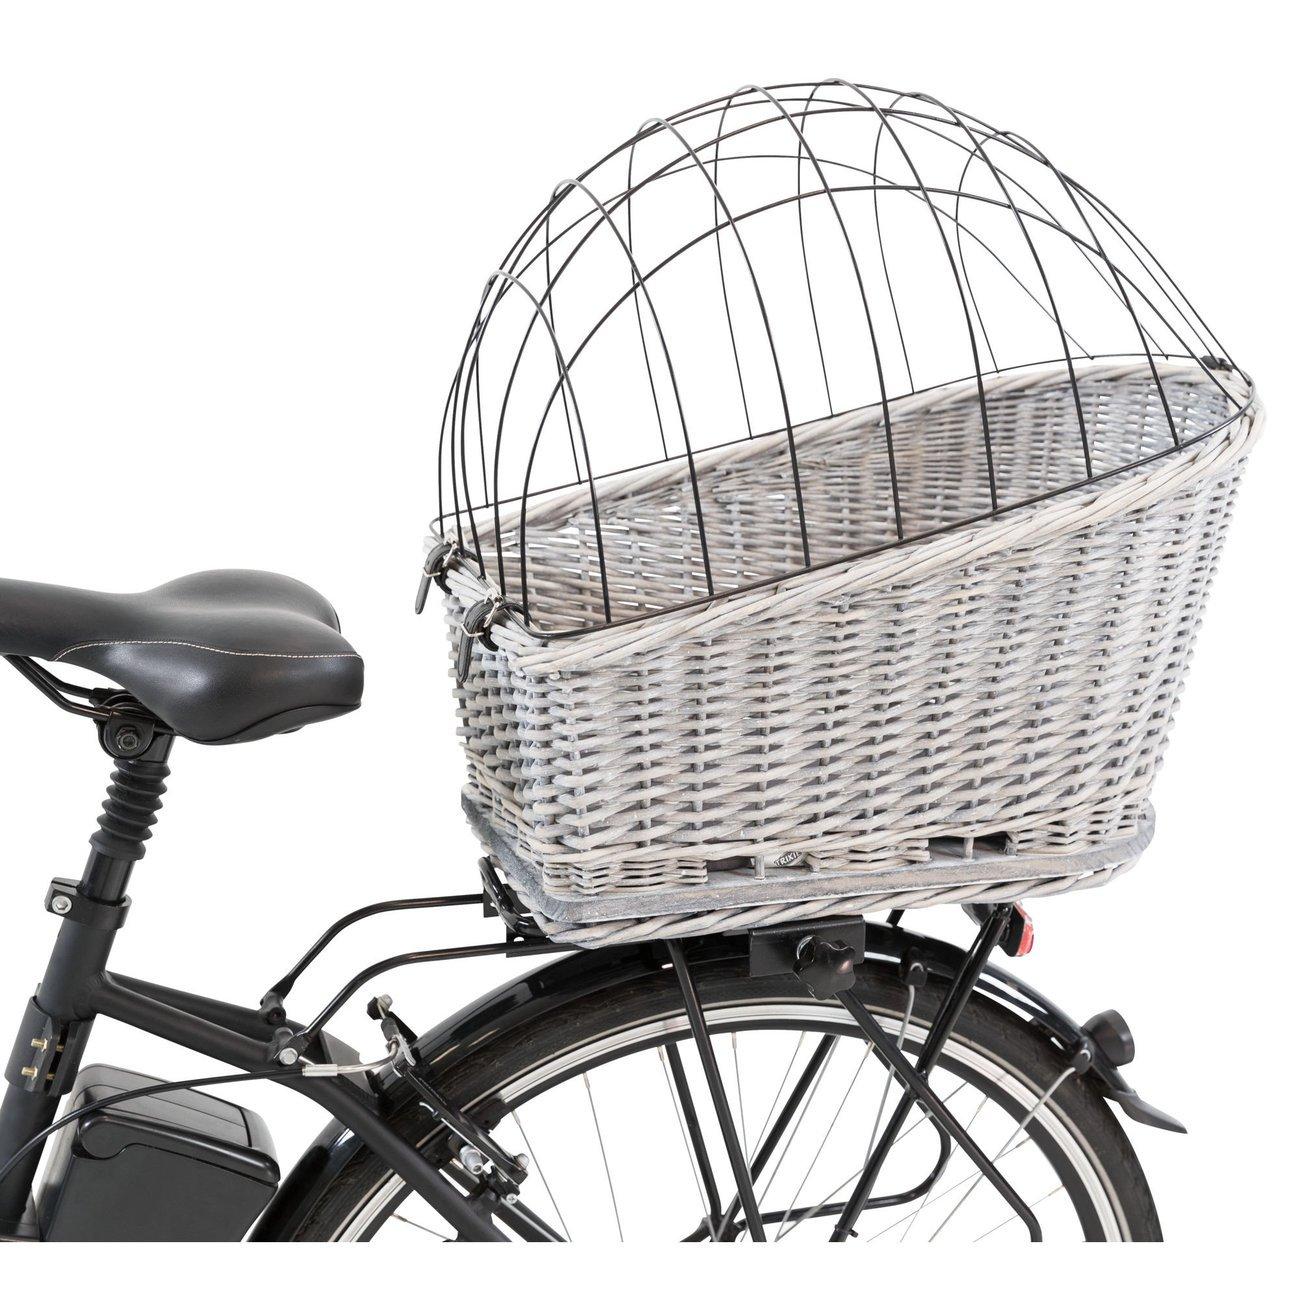 TRIXIE Fahrradkorb für Gepäckträger 13114, Bild 7